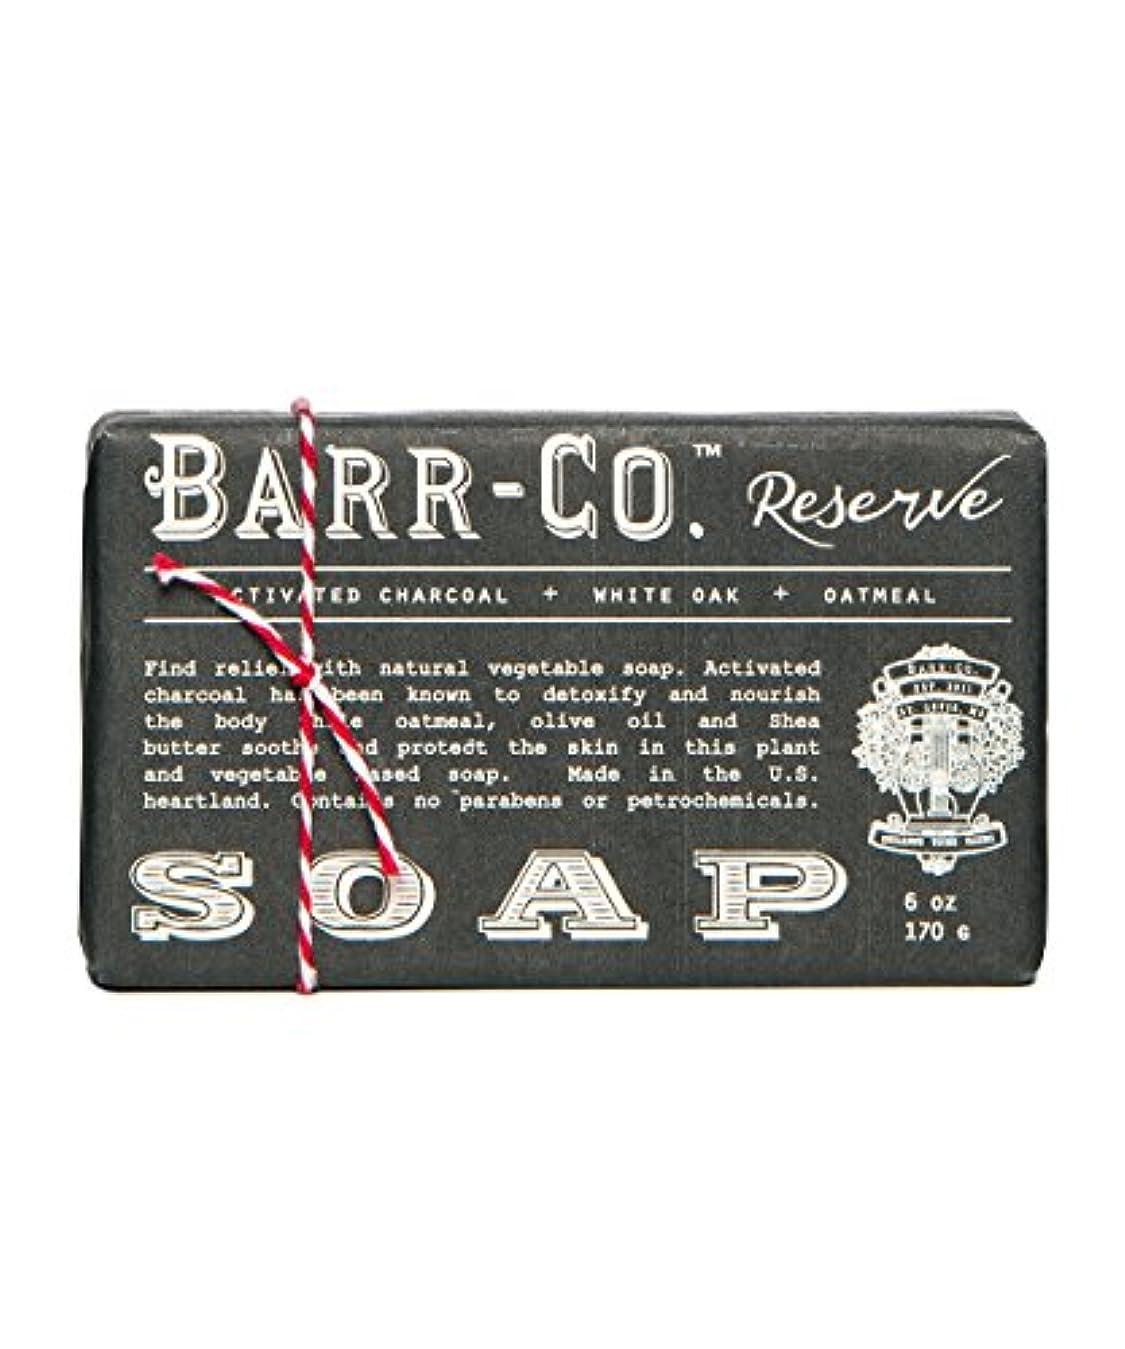 暗い舌な幅バーコ(BARR-CO.) バーソープ リザーブ